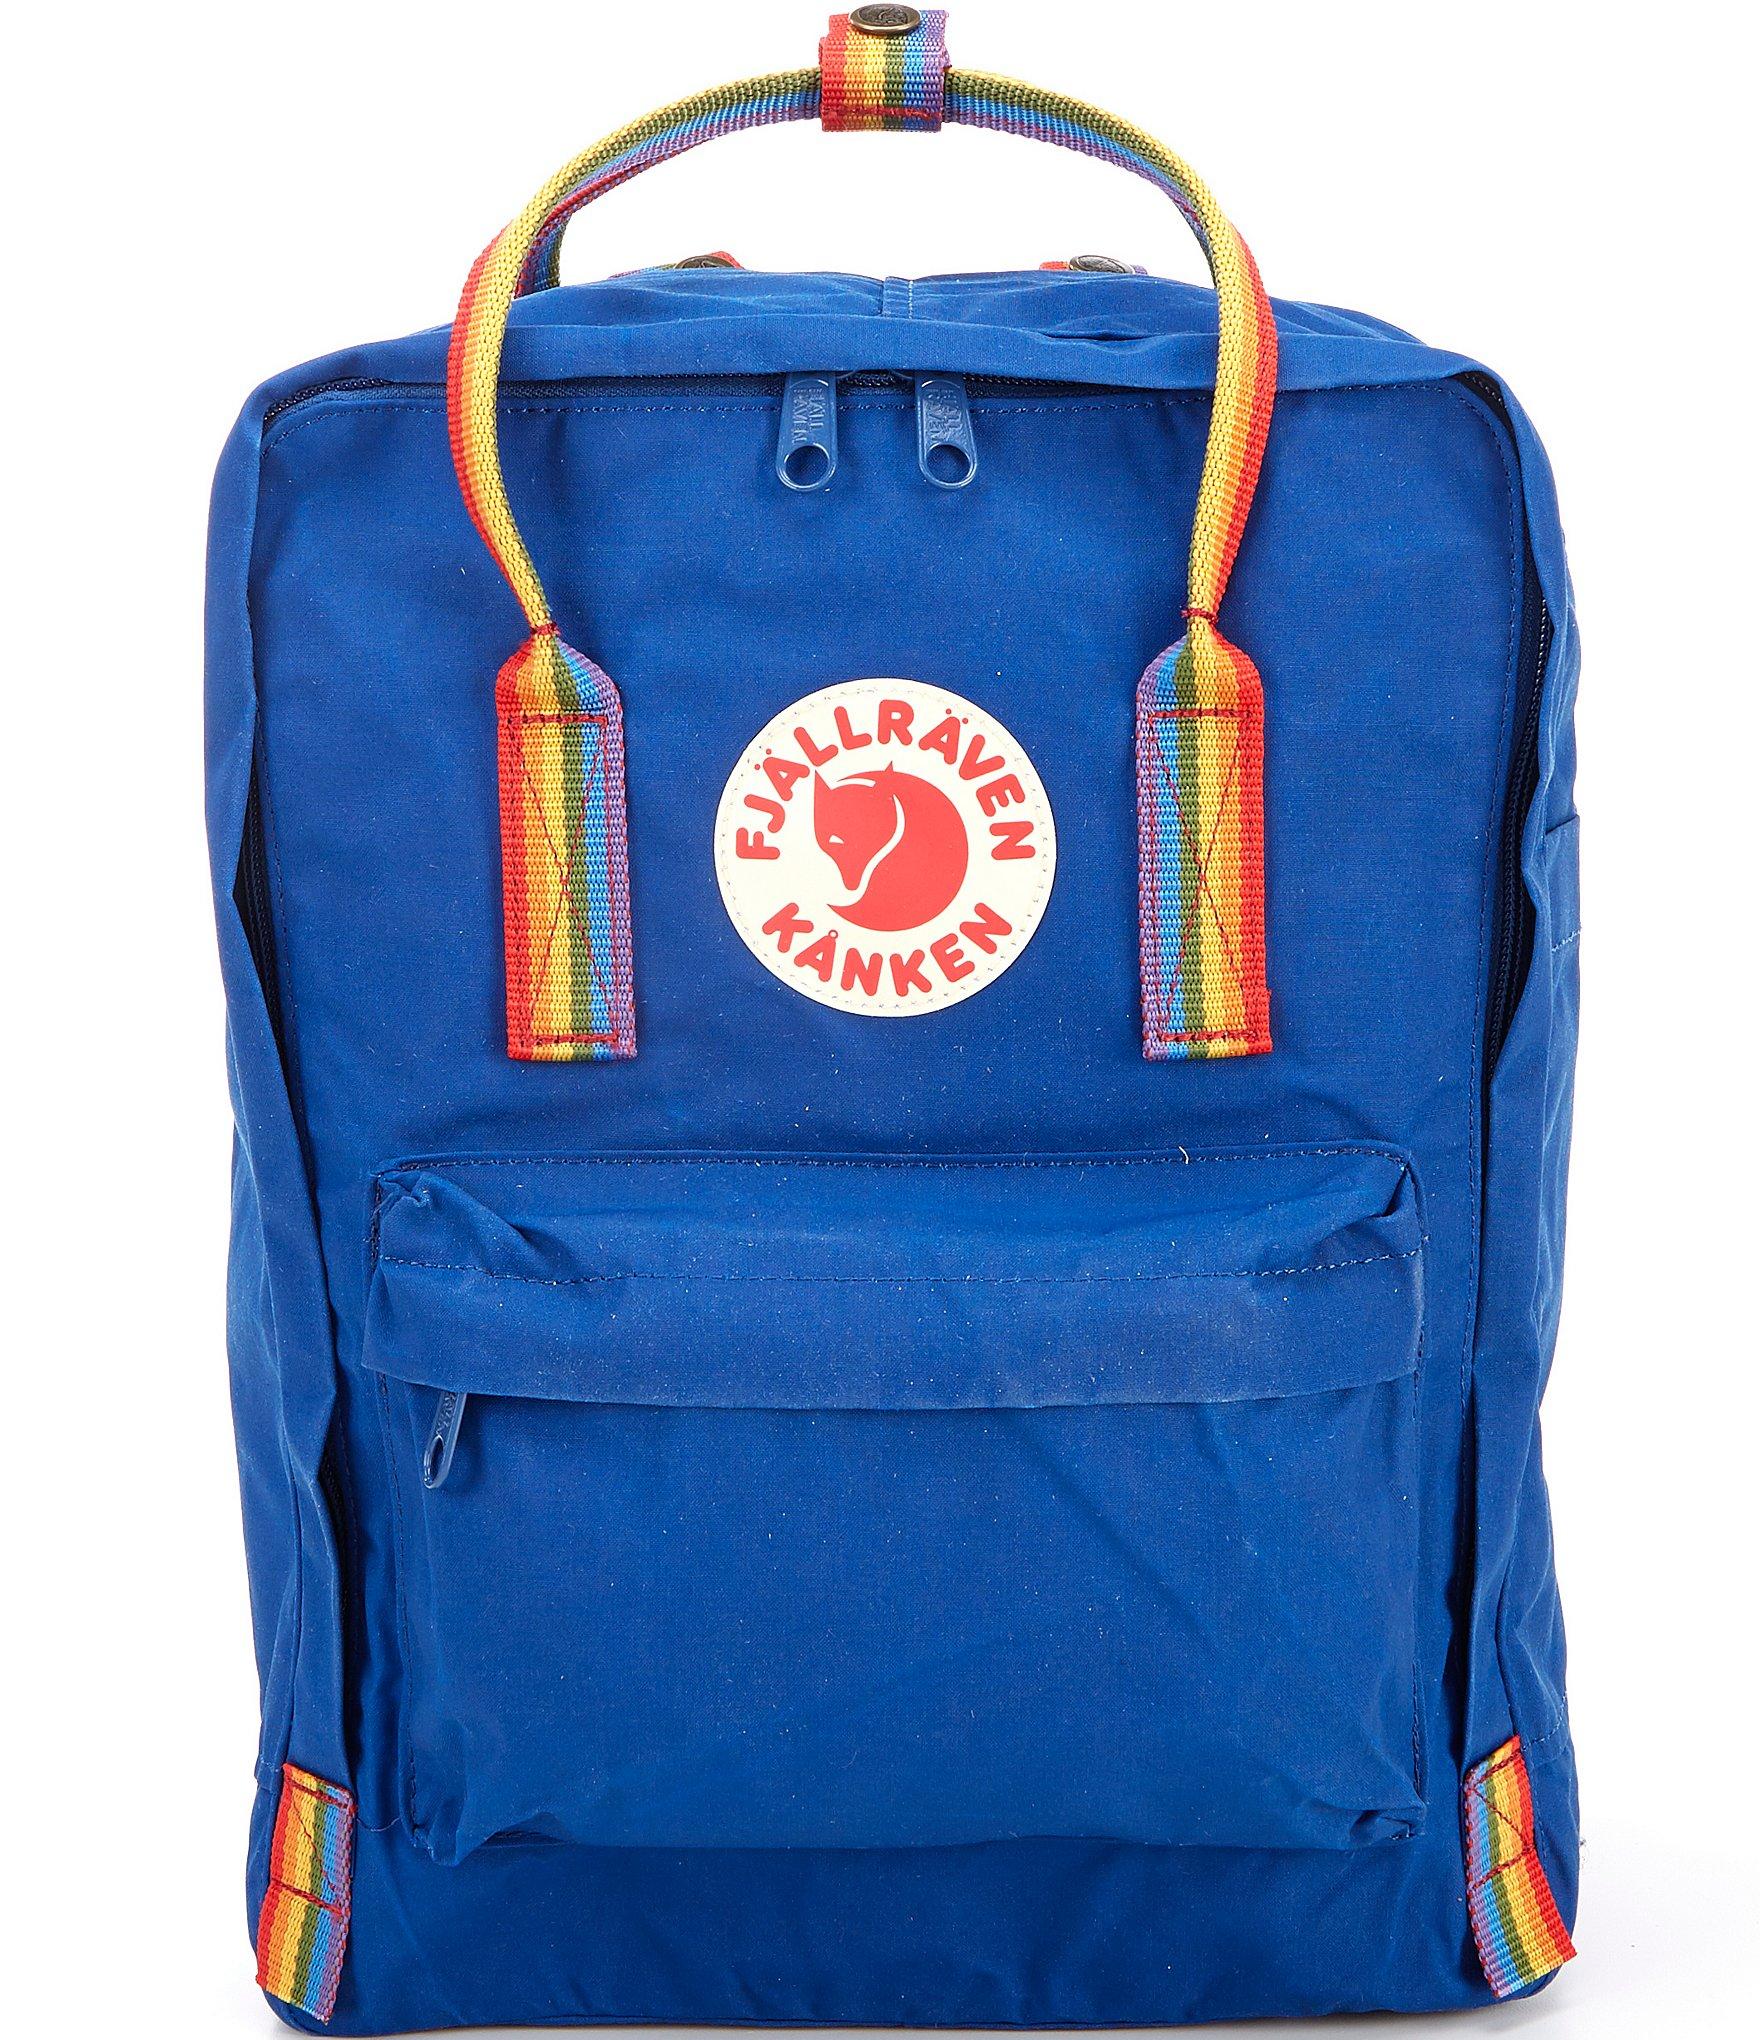 10a55040a05 Fjallraven Kanken Rainbow Handle Backpack | Dillard's